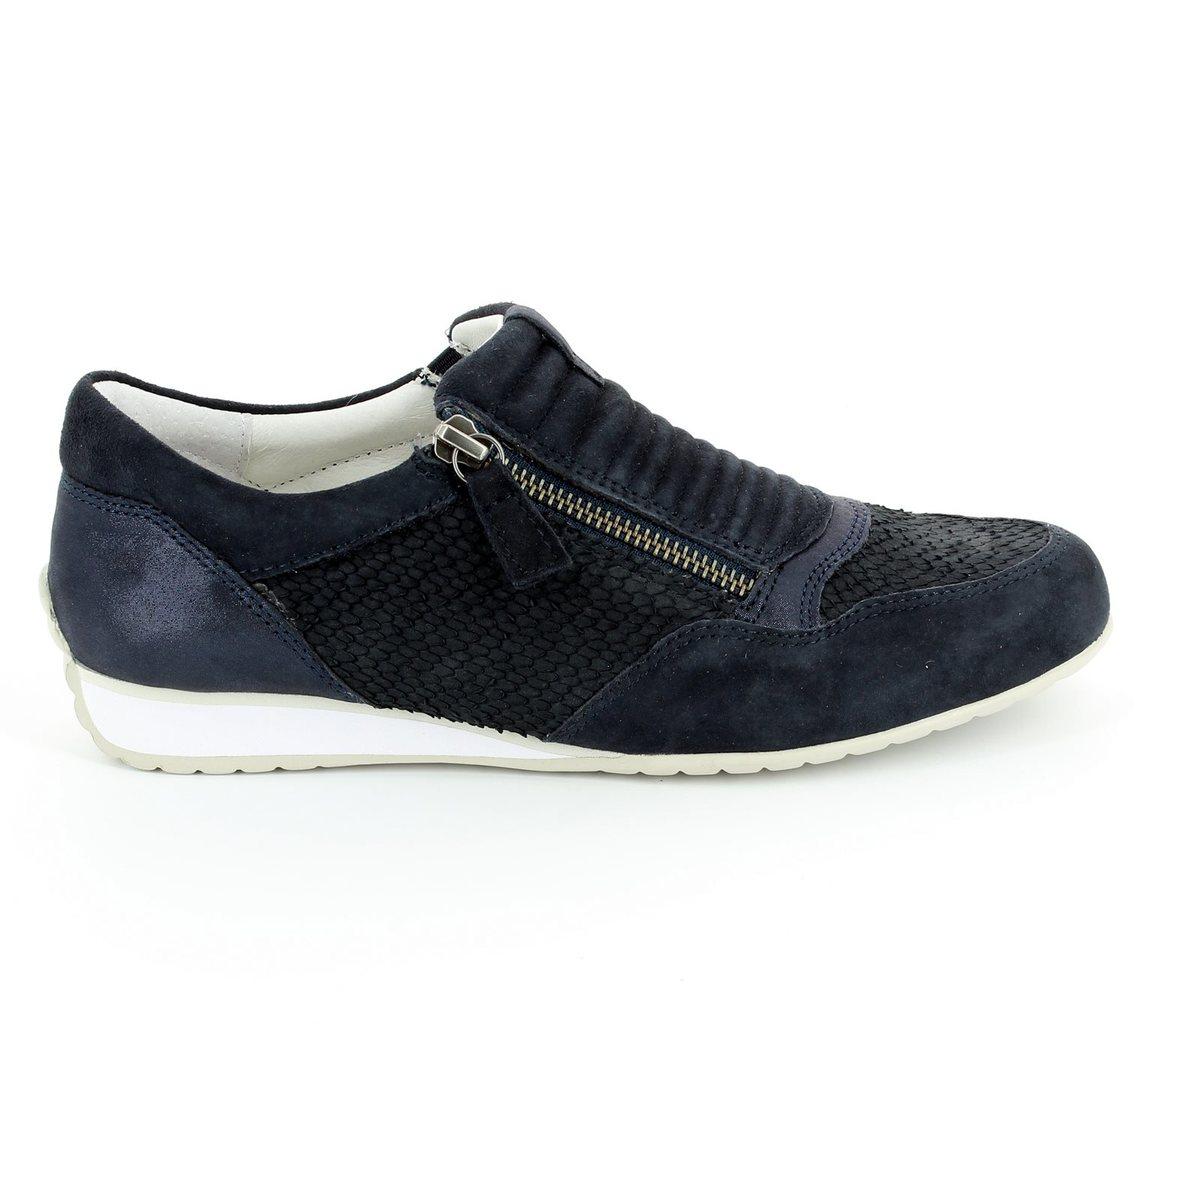 gabor brunello navy multi comfort shoes. Black Bedroom Furniture Sets. Home Design Ideas